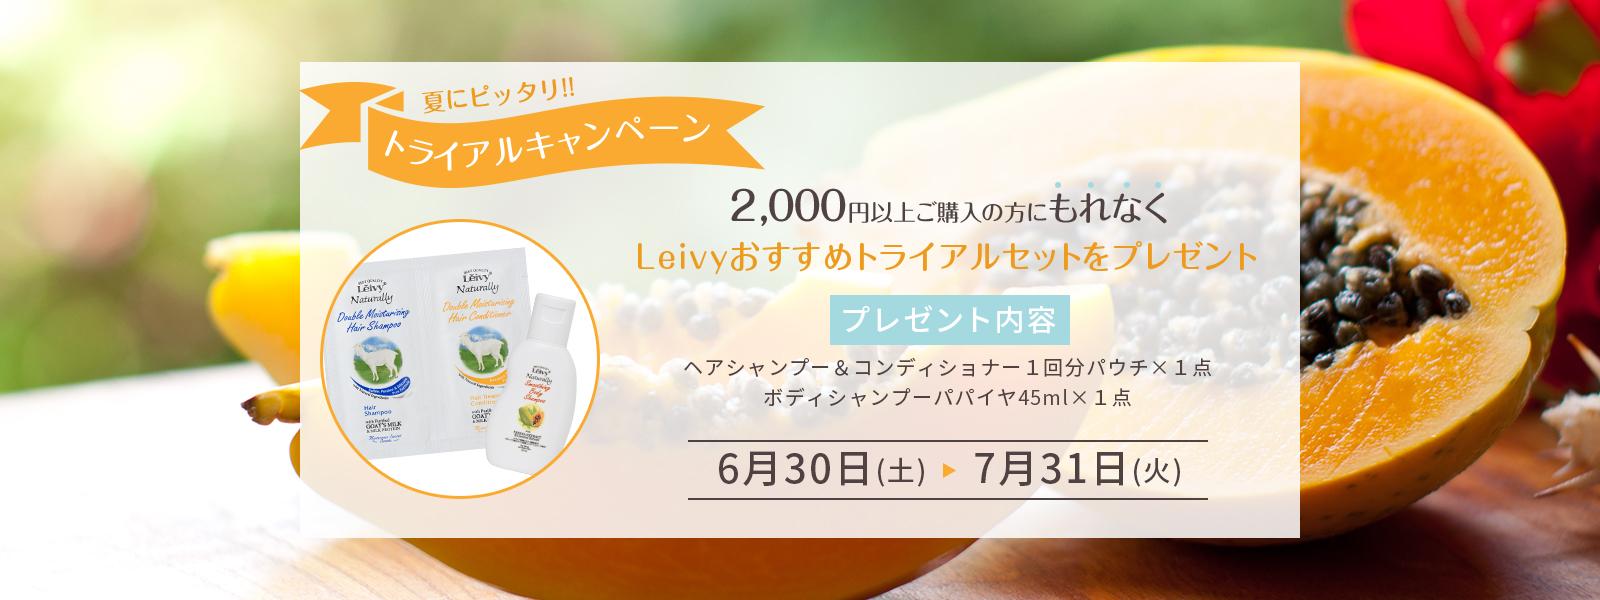 2000円以上のご購入で、もれなくサマートライアルSETプレゼント♪